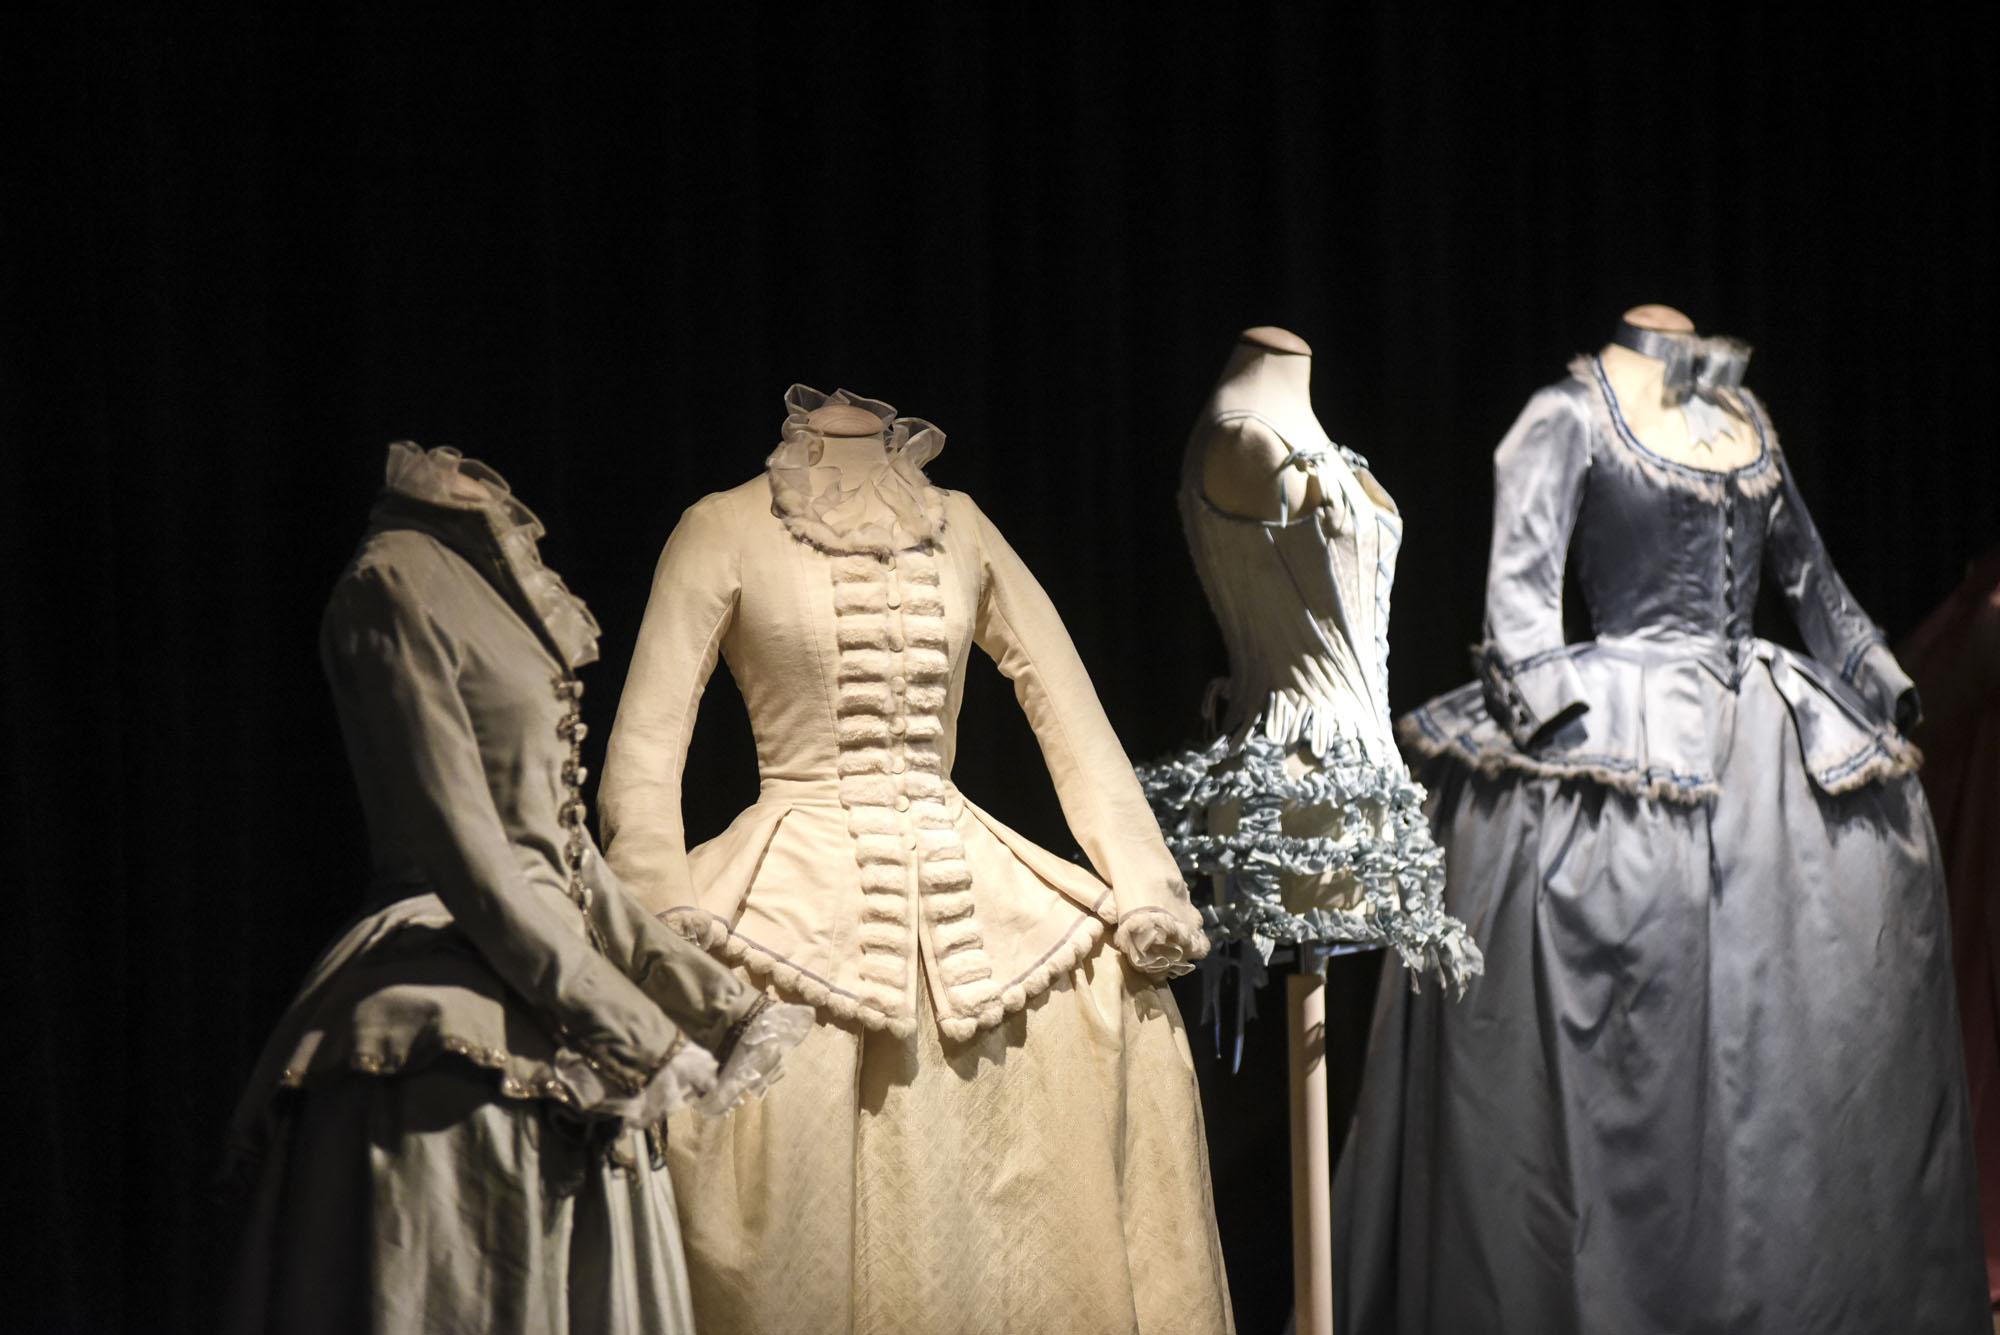 Marie Antoinette Film Costumes at Prato Textile Museum